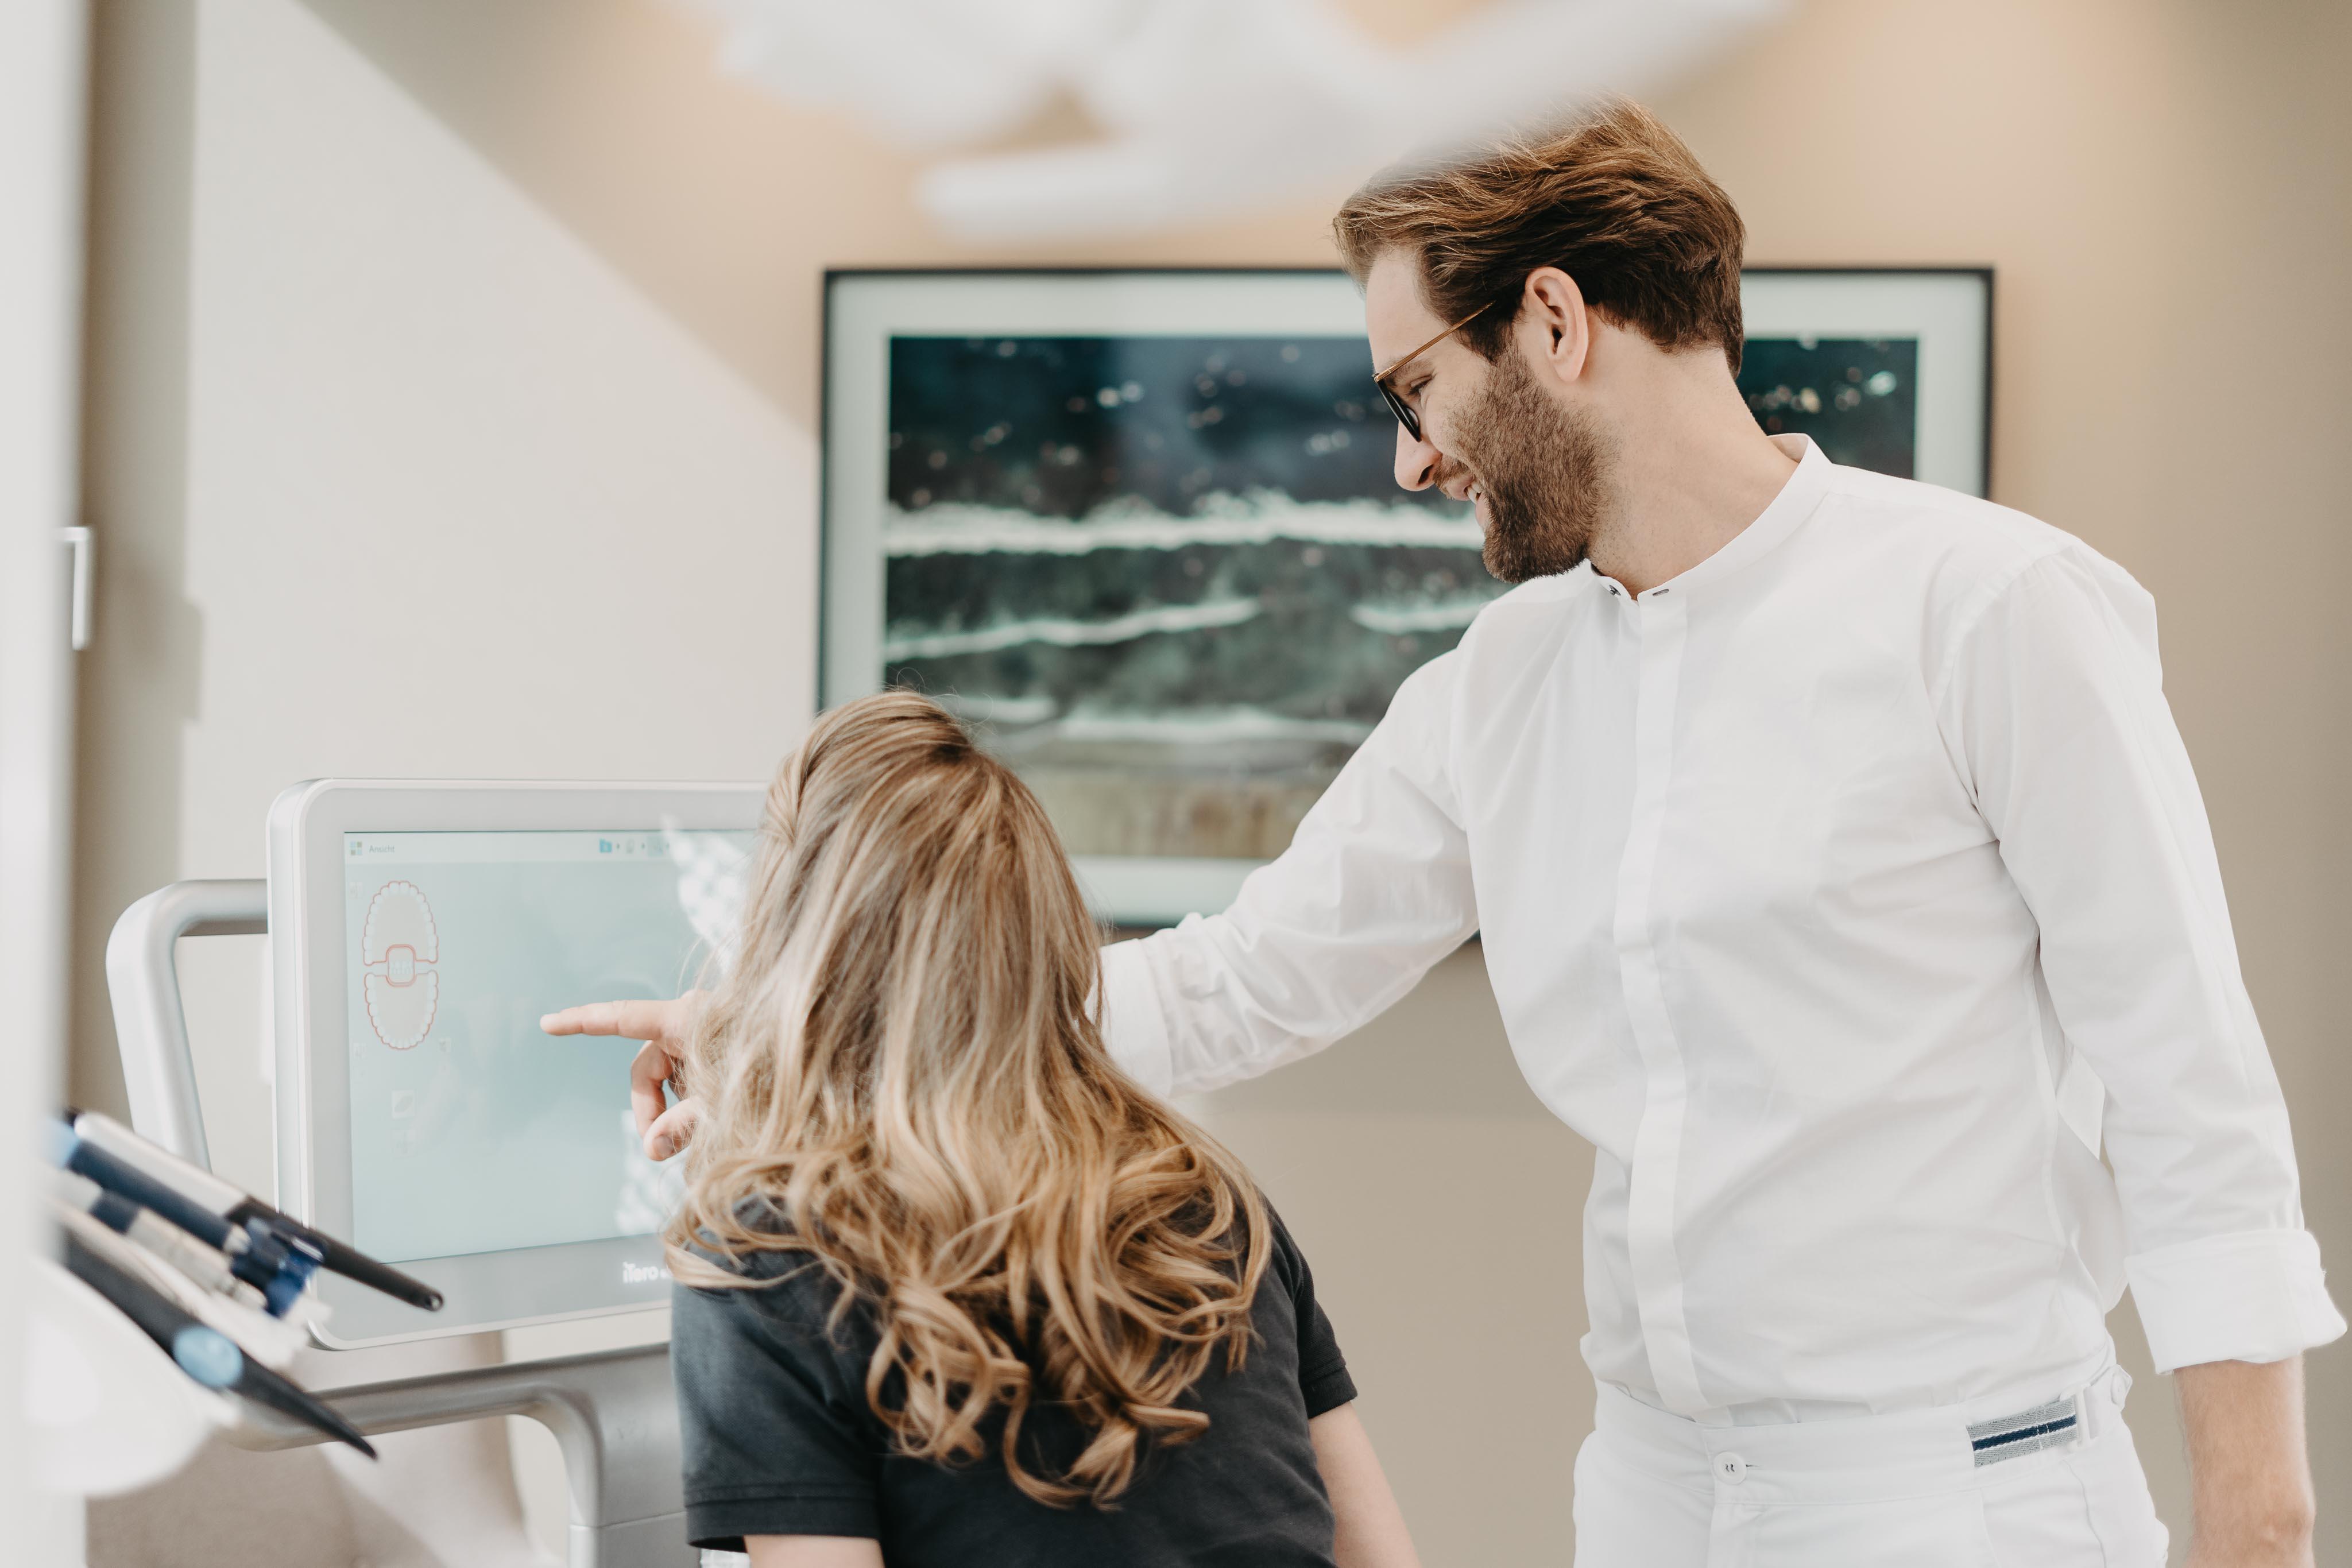 Ein Mann zeigt einer Frau etwas auf einem Monitor.